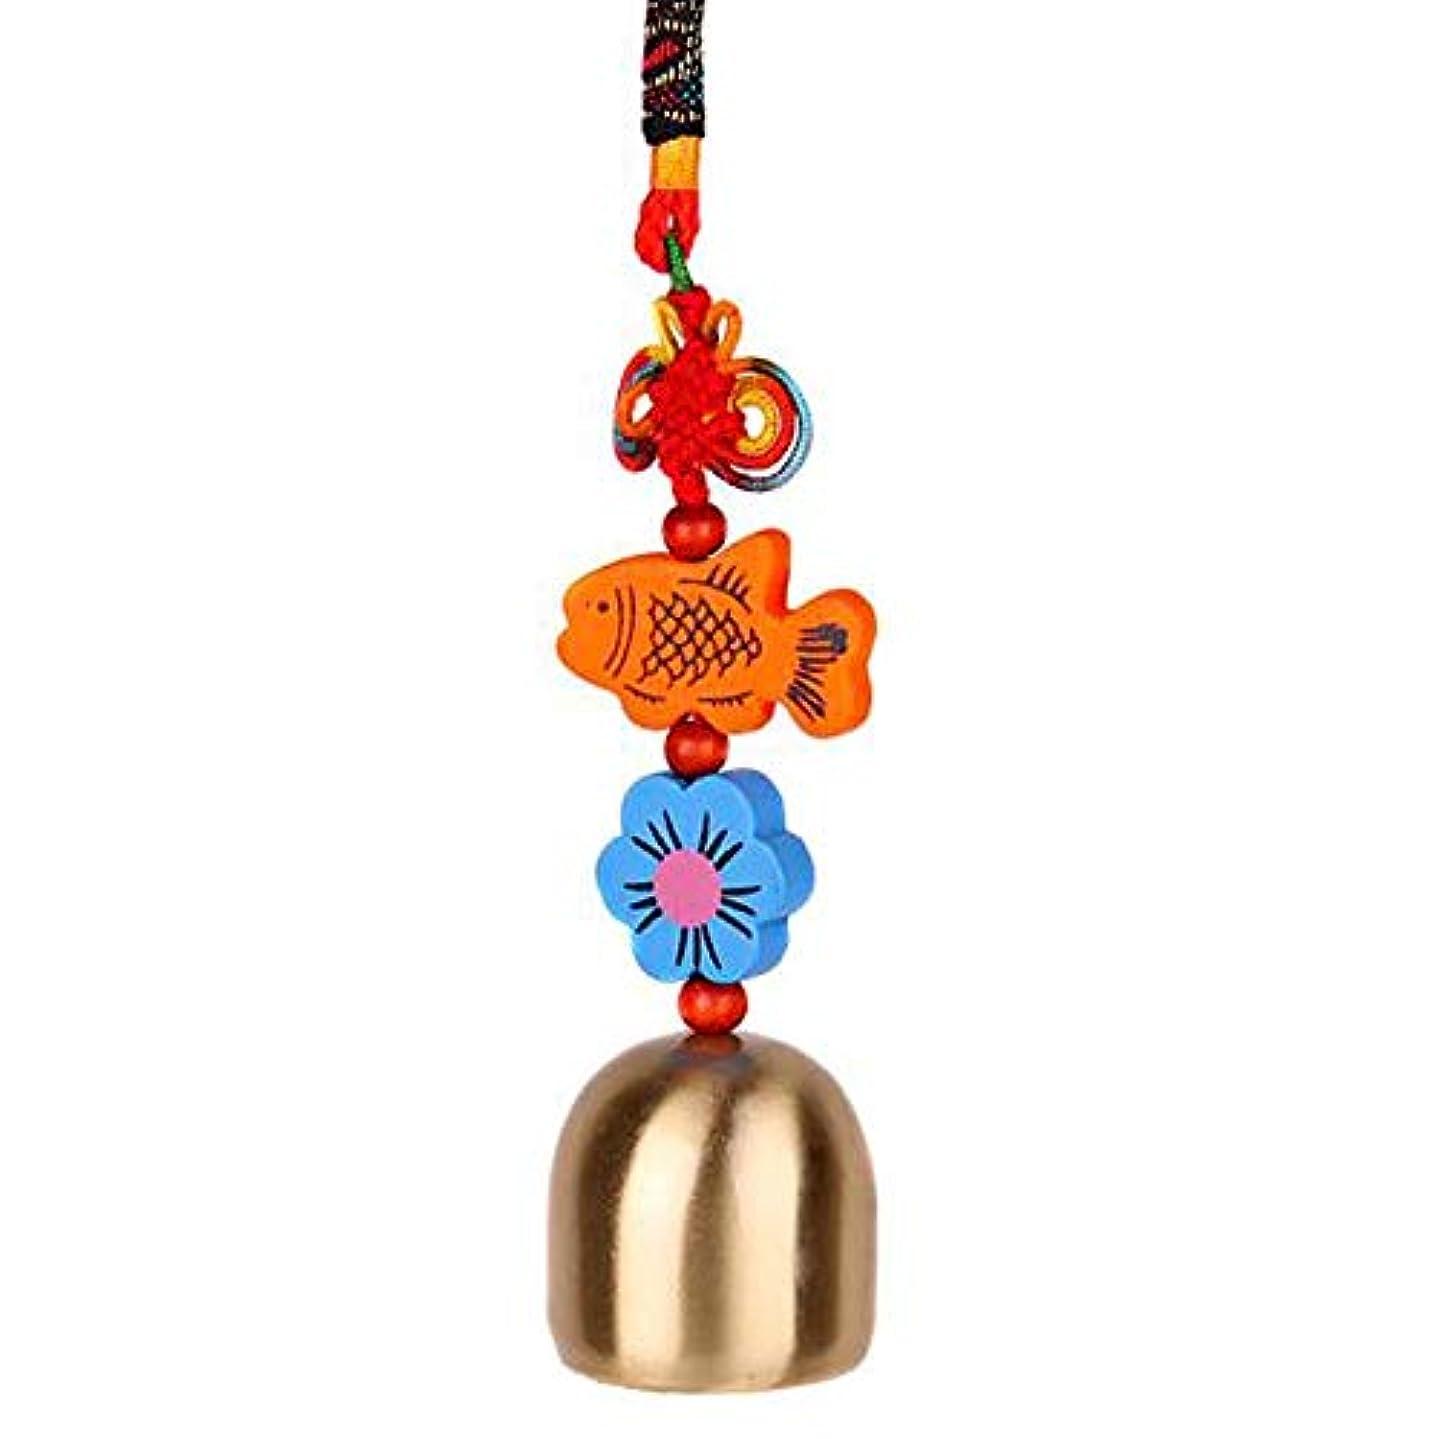 書き込み顕現工業用Hongyushanghang 風チャイム、中国のノット銅鐘ホーム車の装飾、ゴールド、全長約22CM,、ジュエリークリエイティブホリデーギフトを掛ける (Color : A)